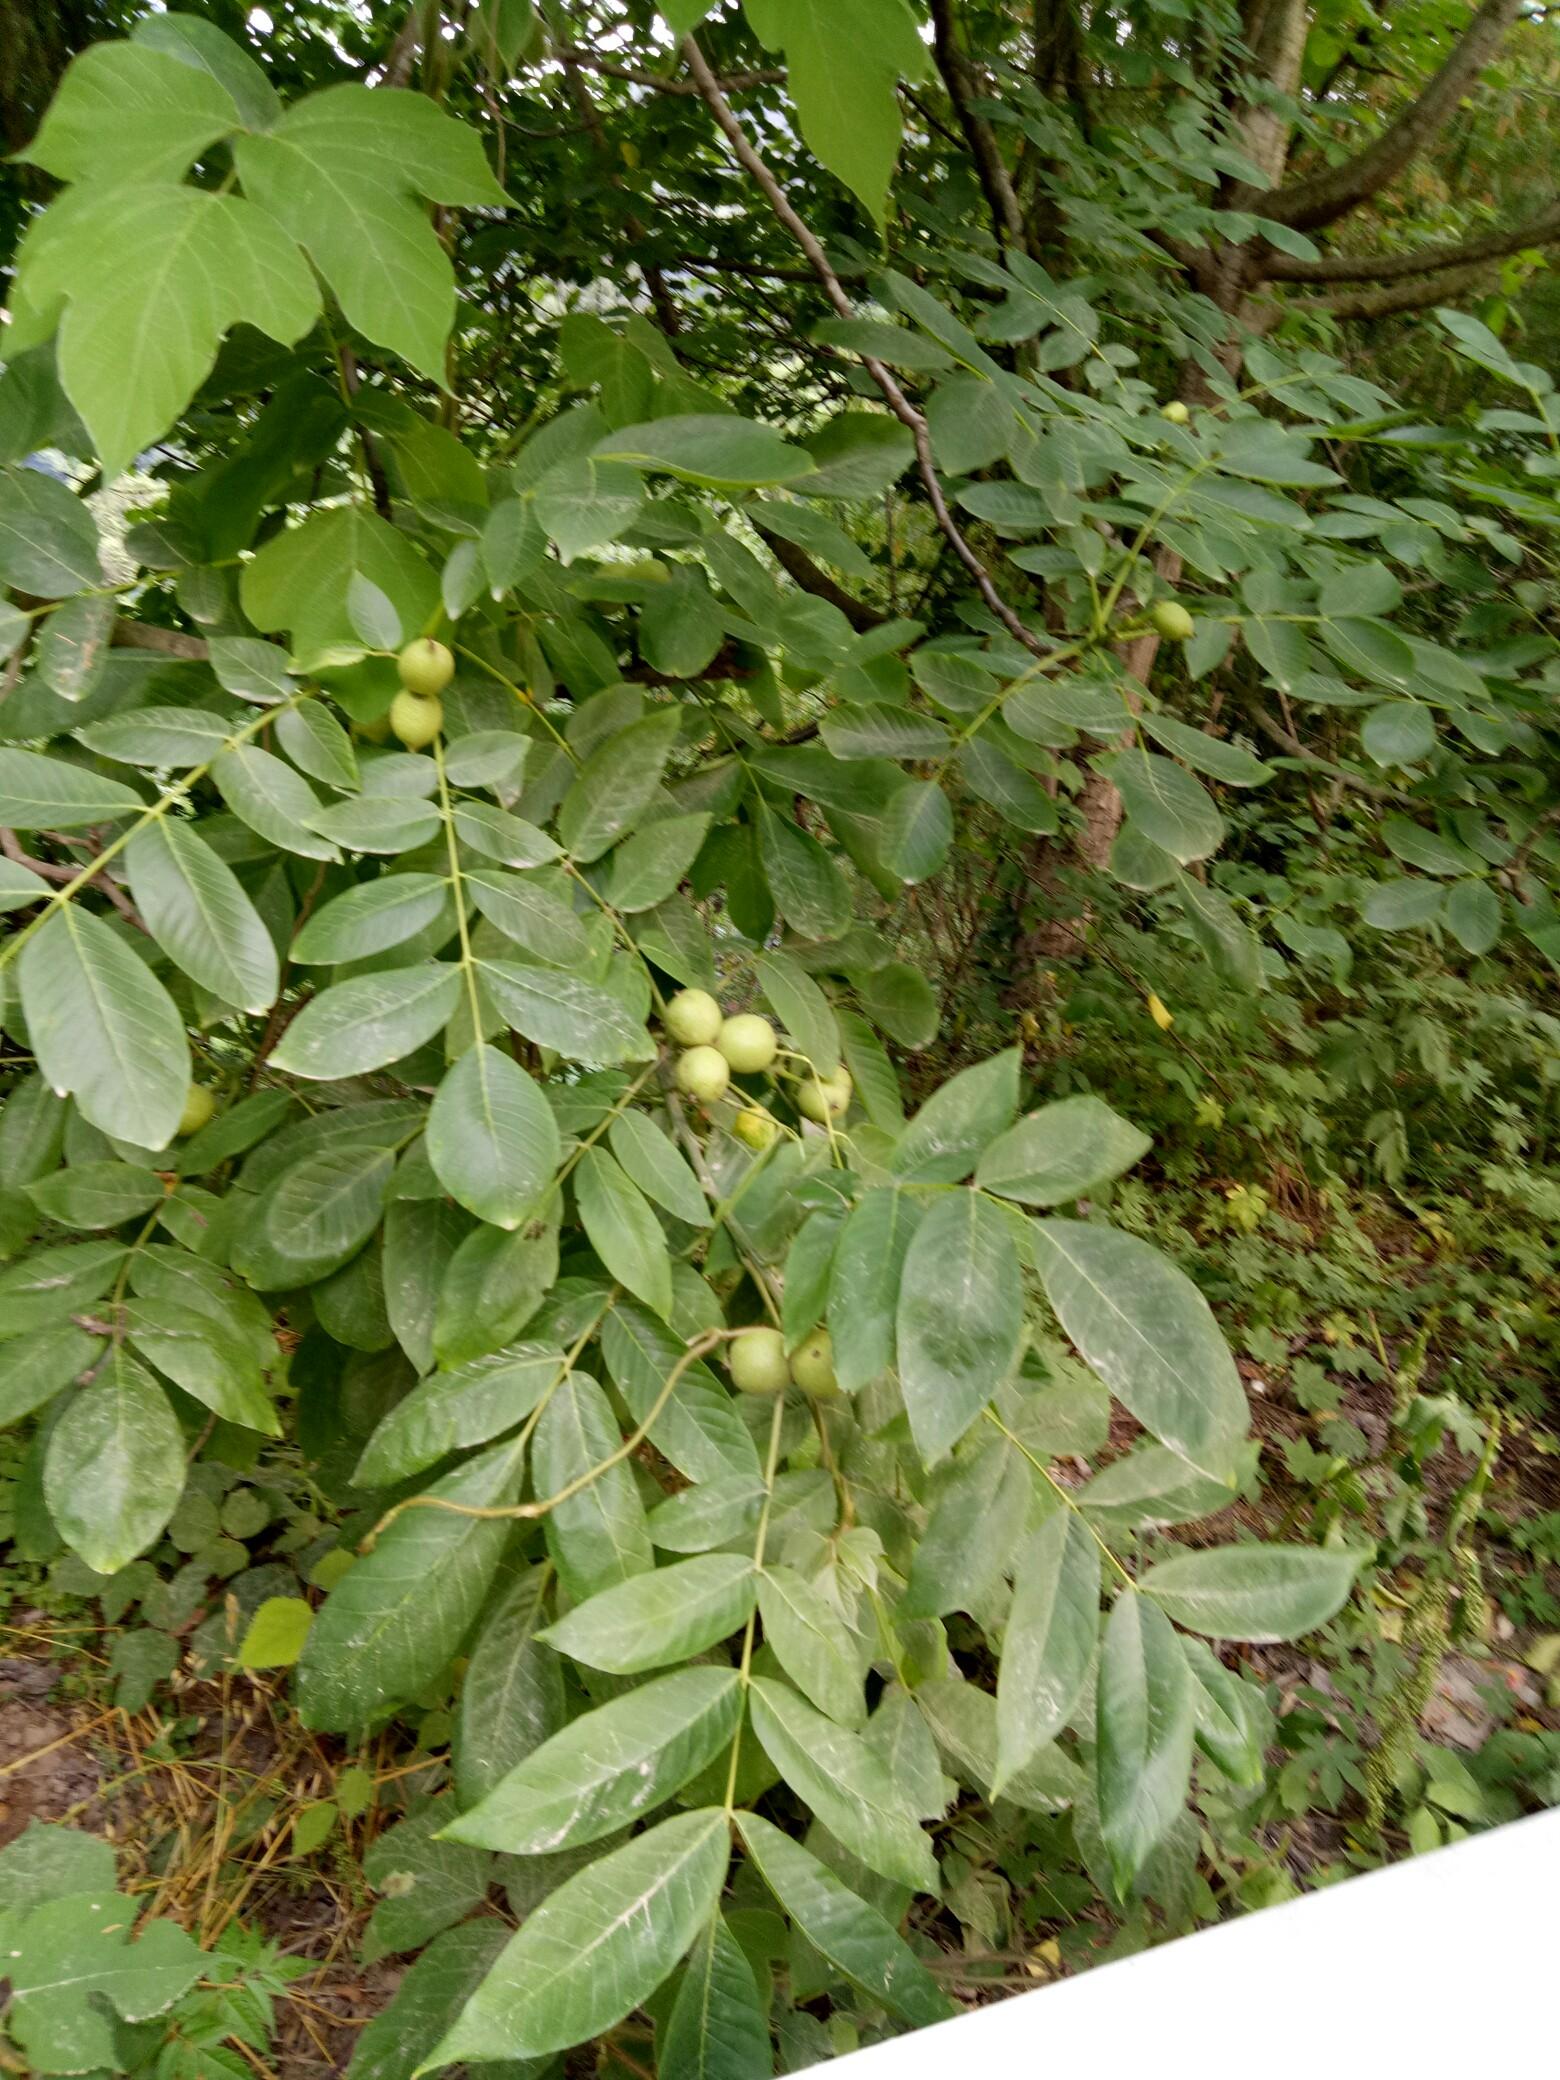 核桃树可以看见的果实,一如青涩的年华